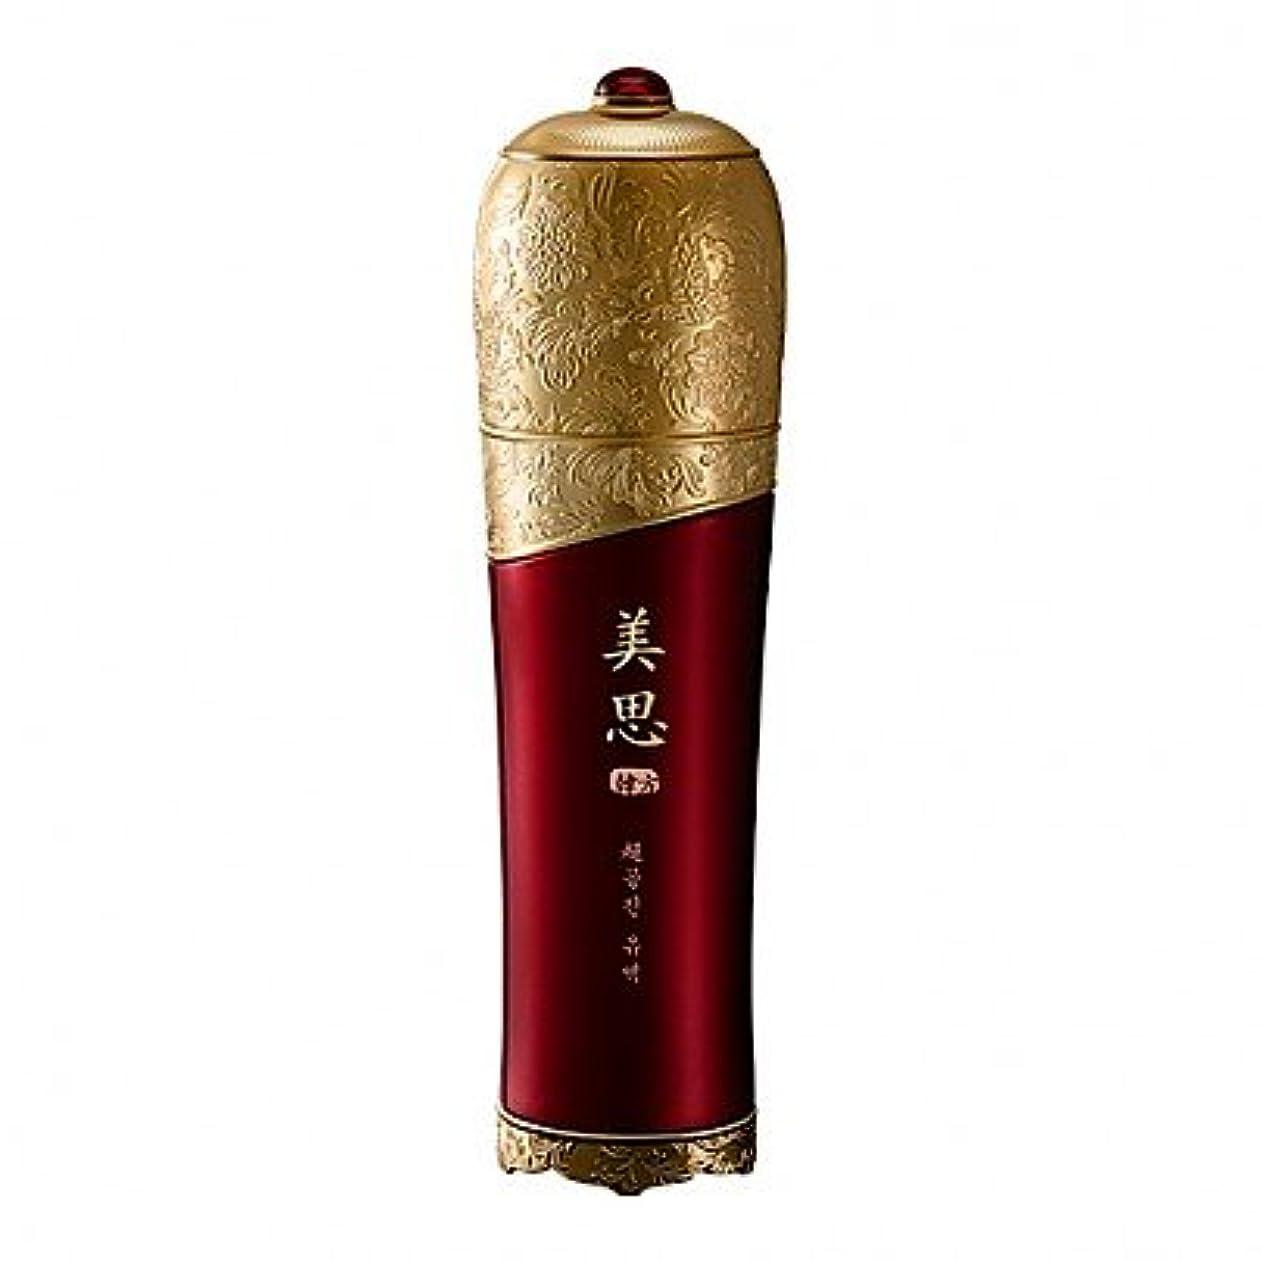 アシュリータファーマンなに布MISSHA/ミシャ チョゴンジン 乳液 (旧チョボヤン) 125ml[海外直送品]